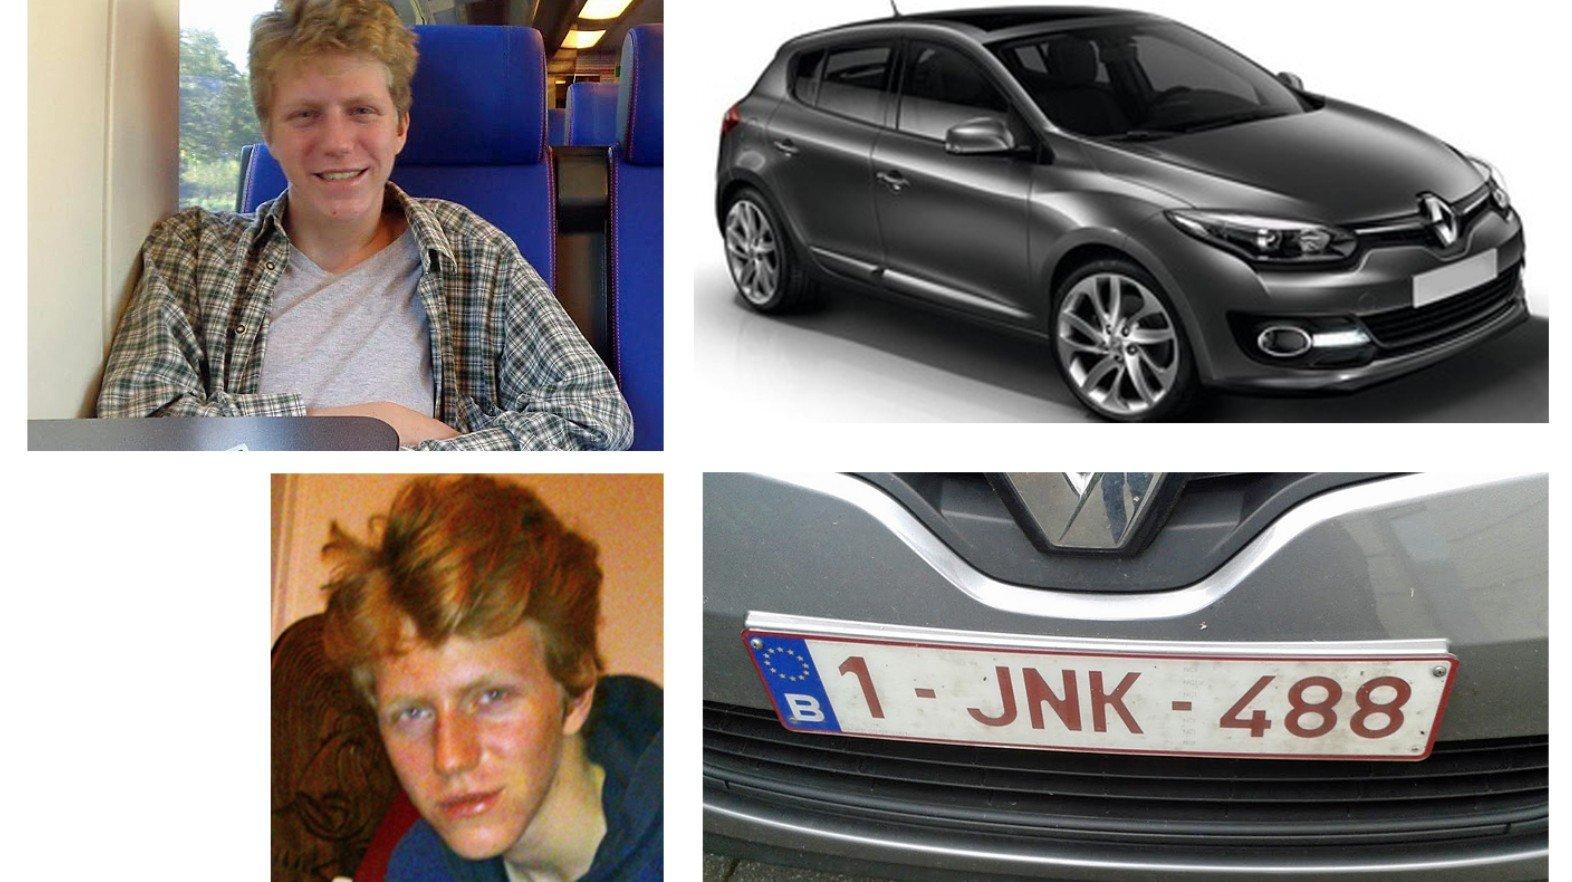 Vermissing van Sam HOUTHUYS 24/06/17 in Merelbeke - opsporing